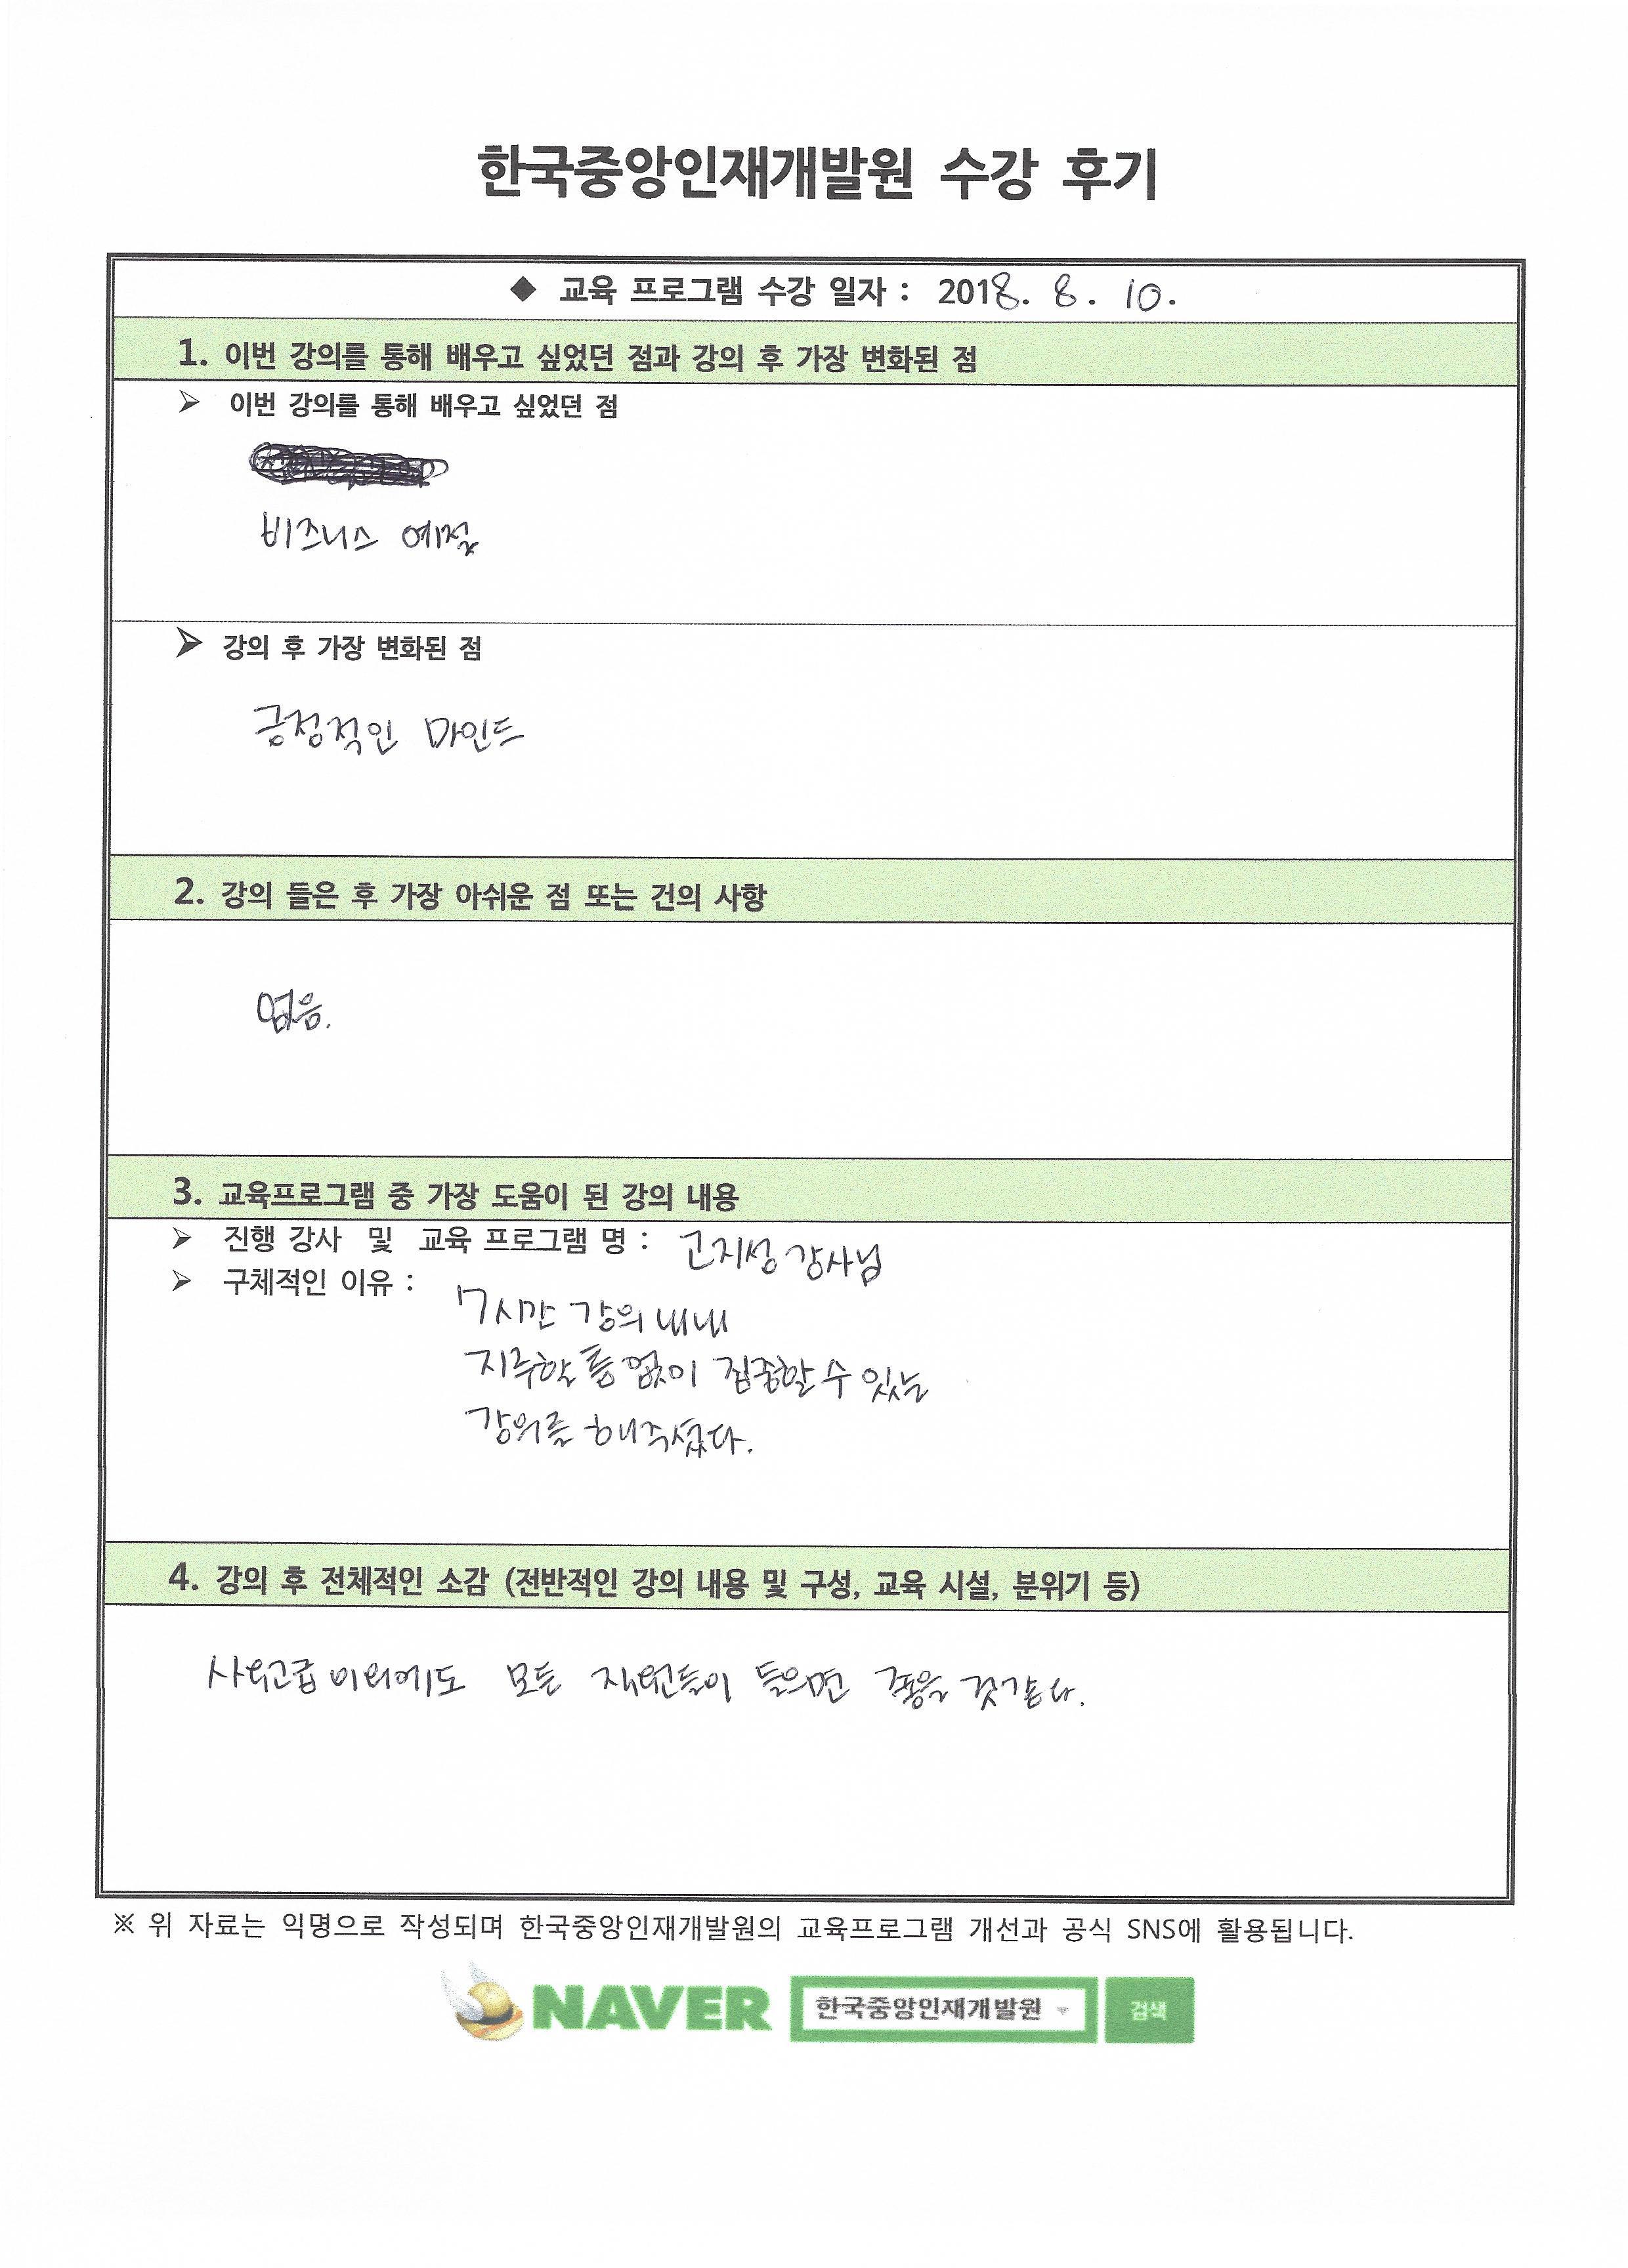 scan0016-10 사본.JPG